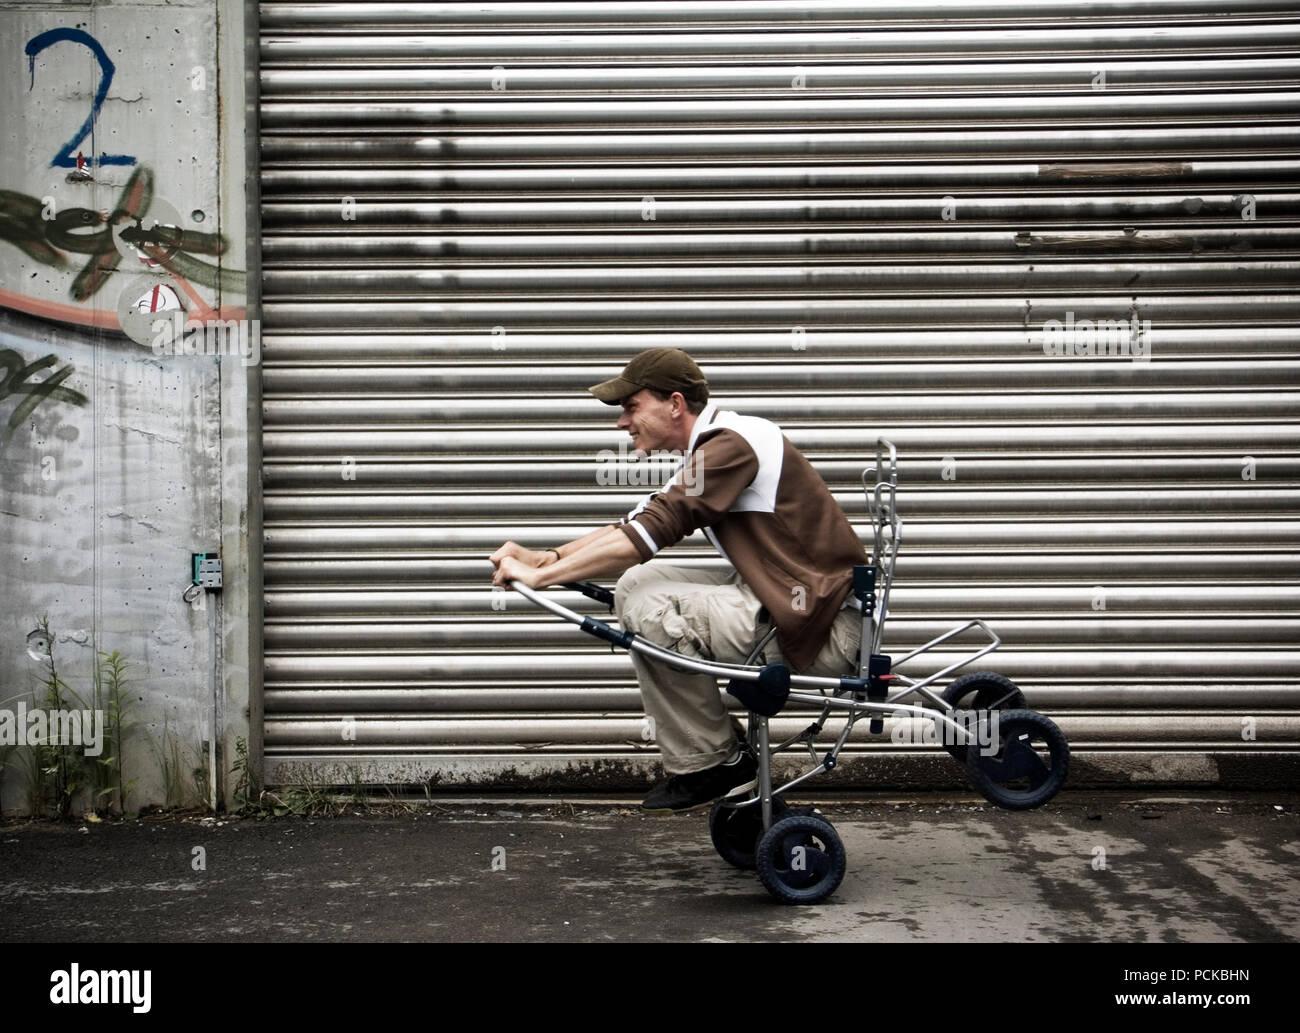 Mann, Balance, Baby Stroller, Humor, bizarre Stockbild